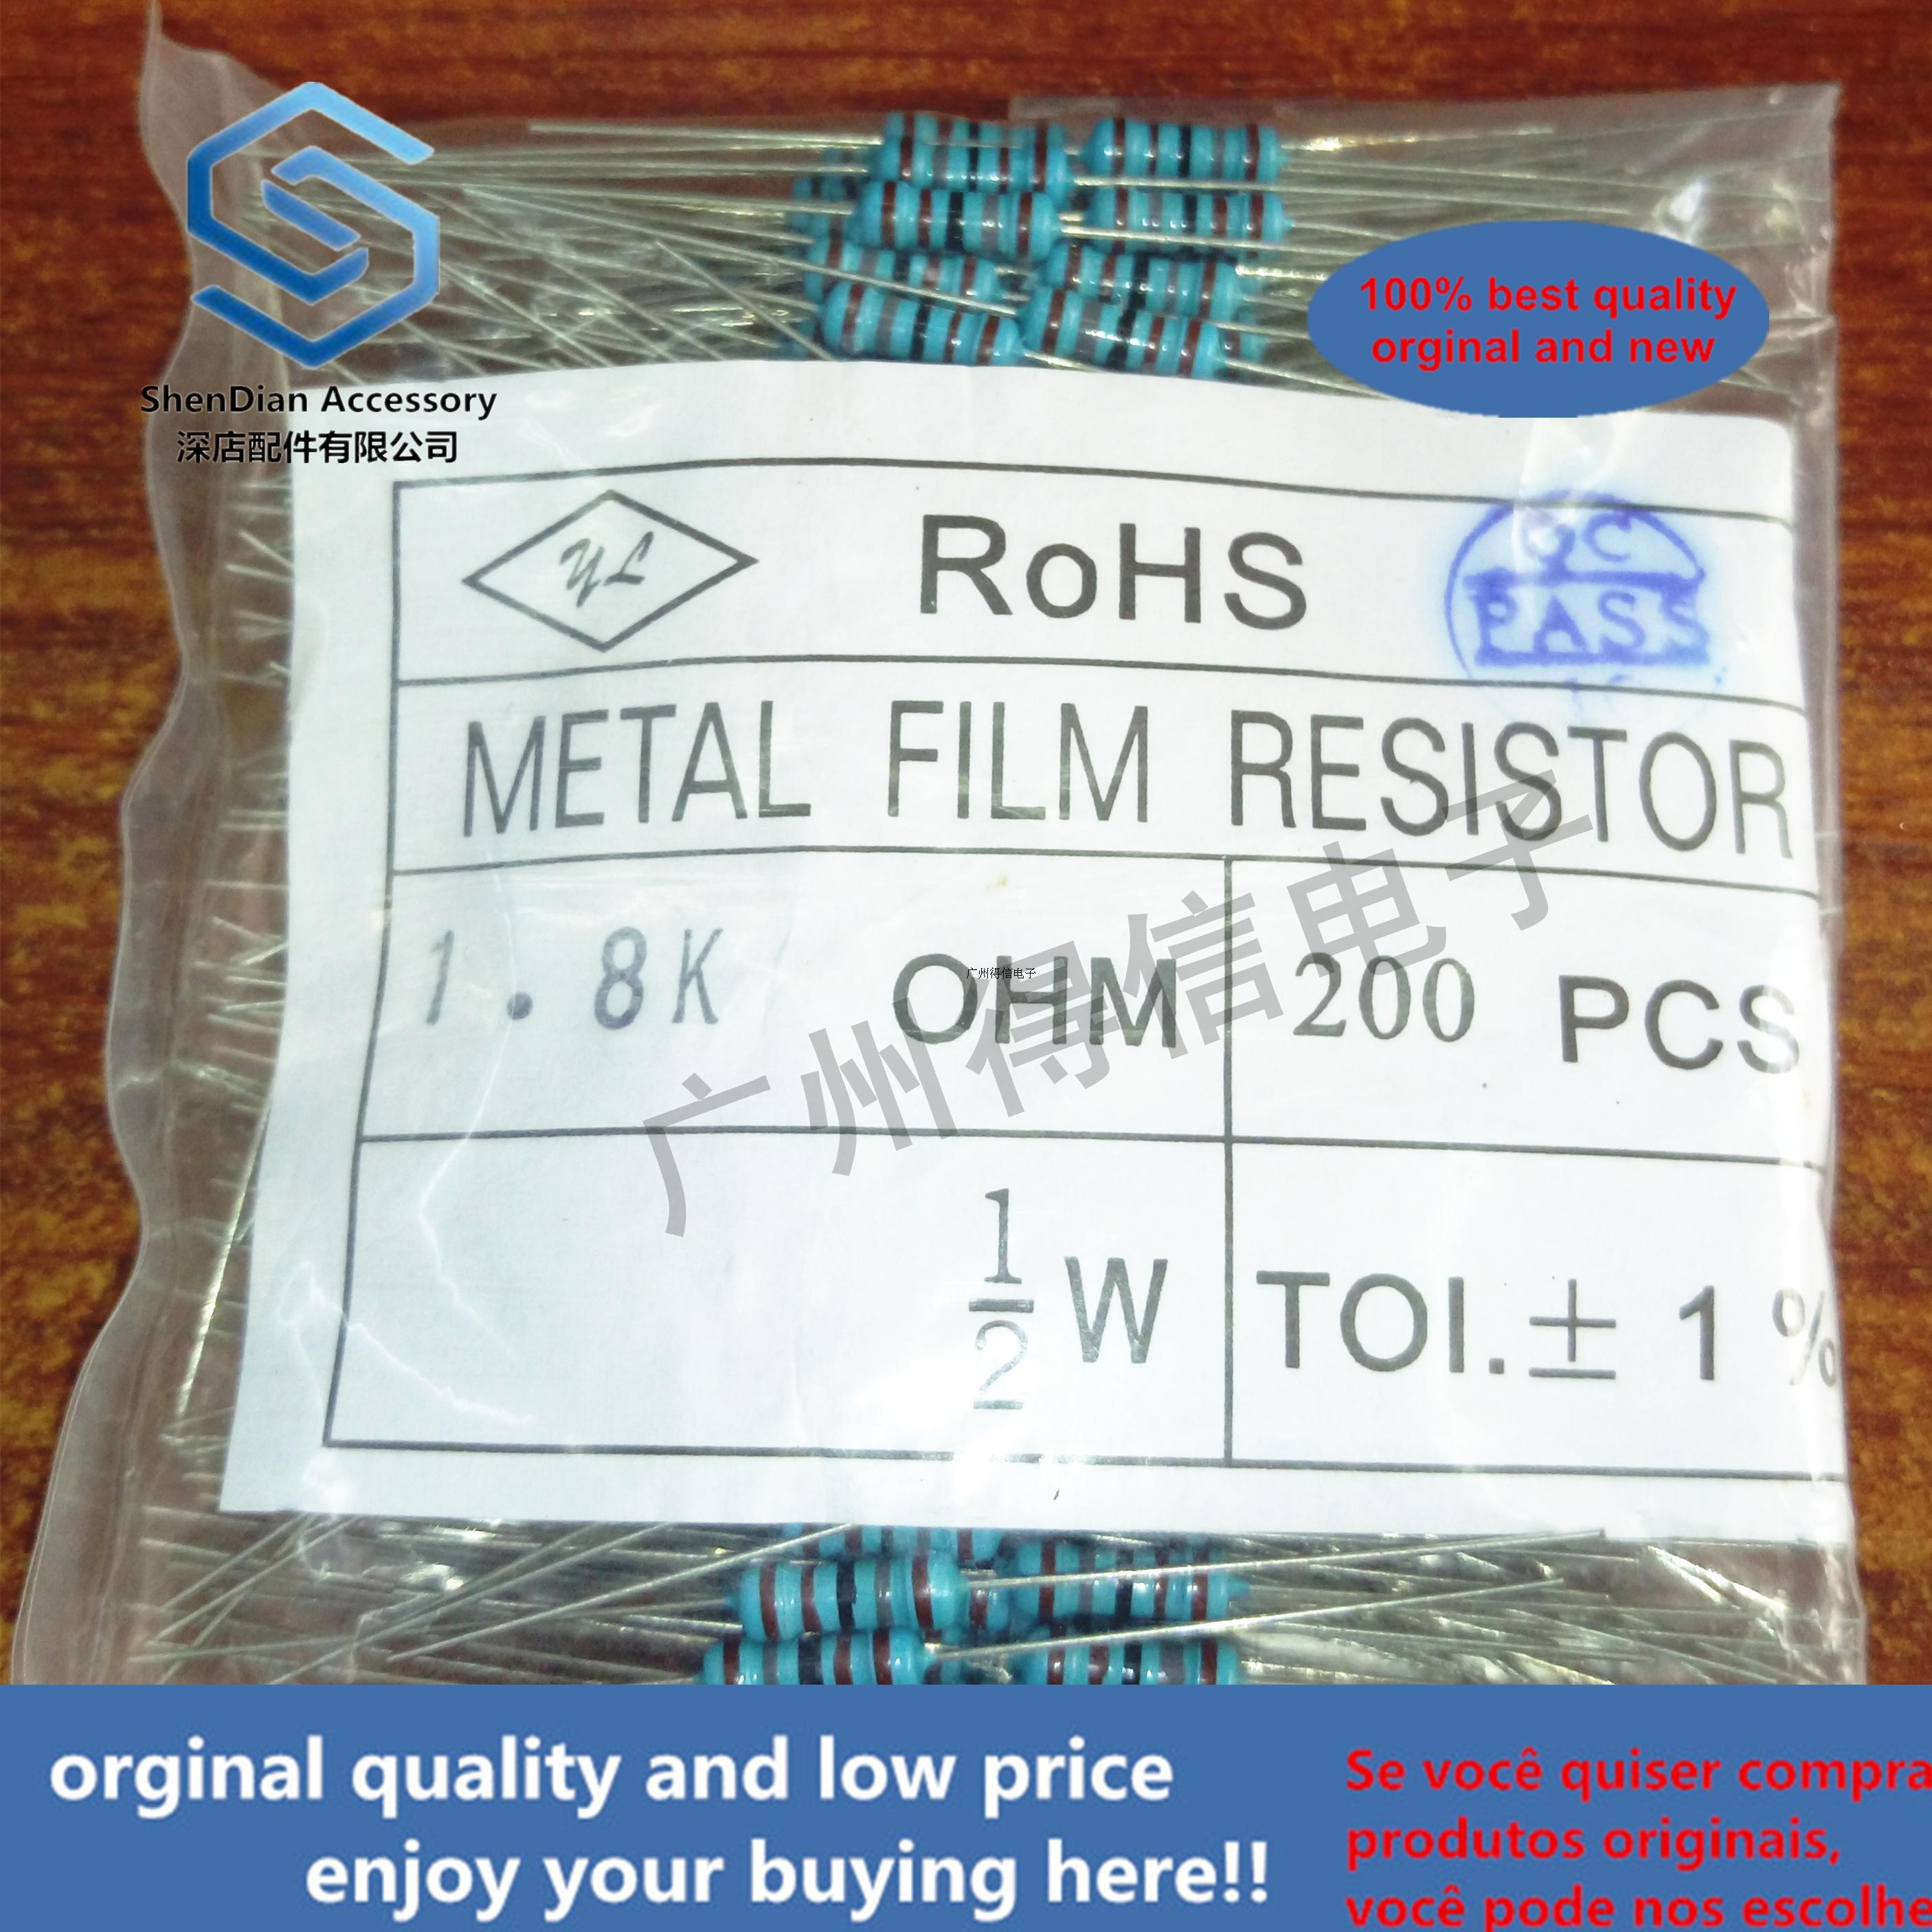 200pcs 1 / 2W 160R 160 Euro 1% Brand New Metal Film Iron Foot Resistor Bag Pack Of 200